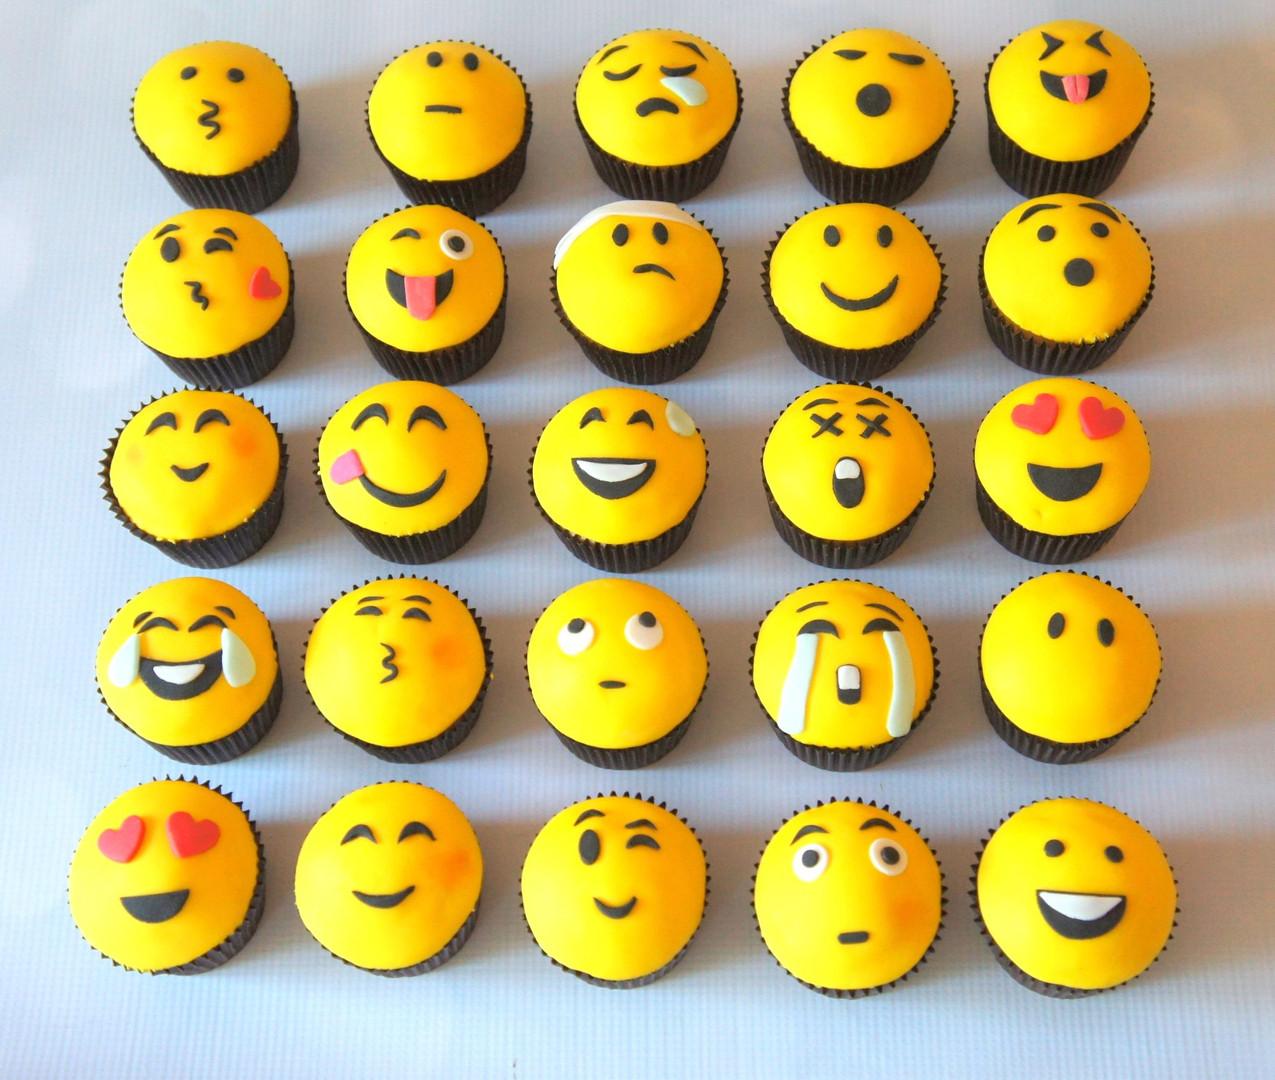 Emoji Cupcakes.jpg